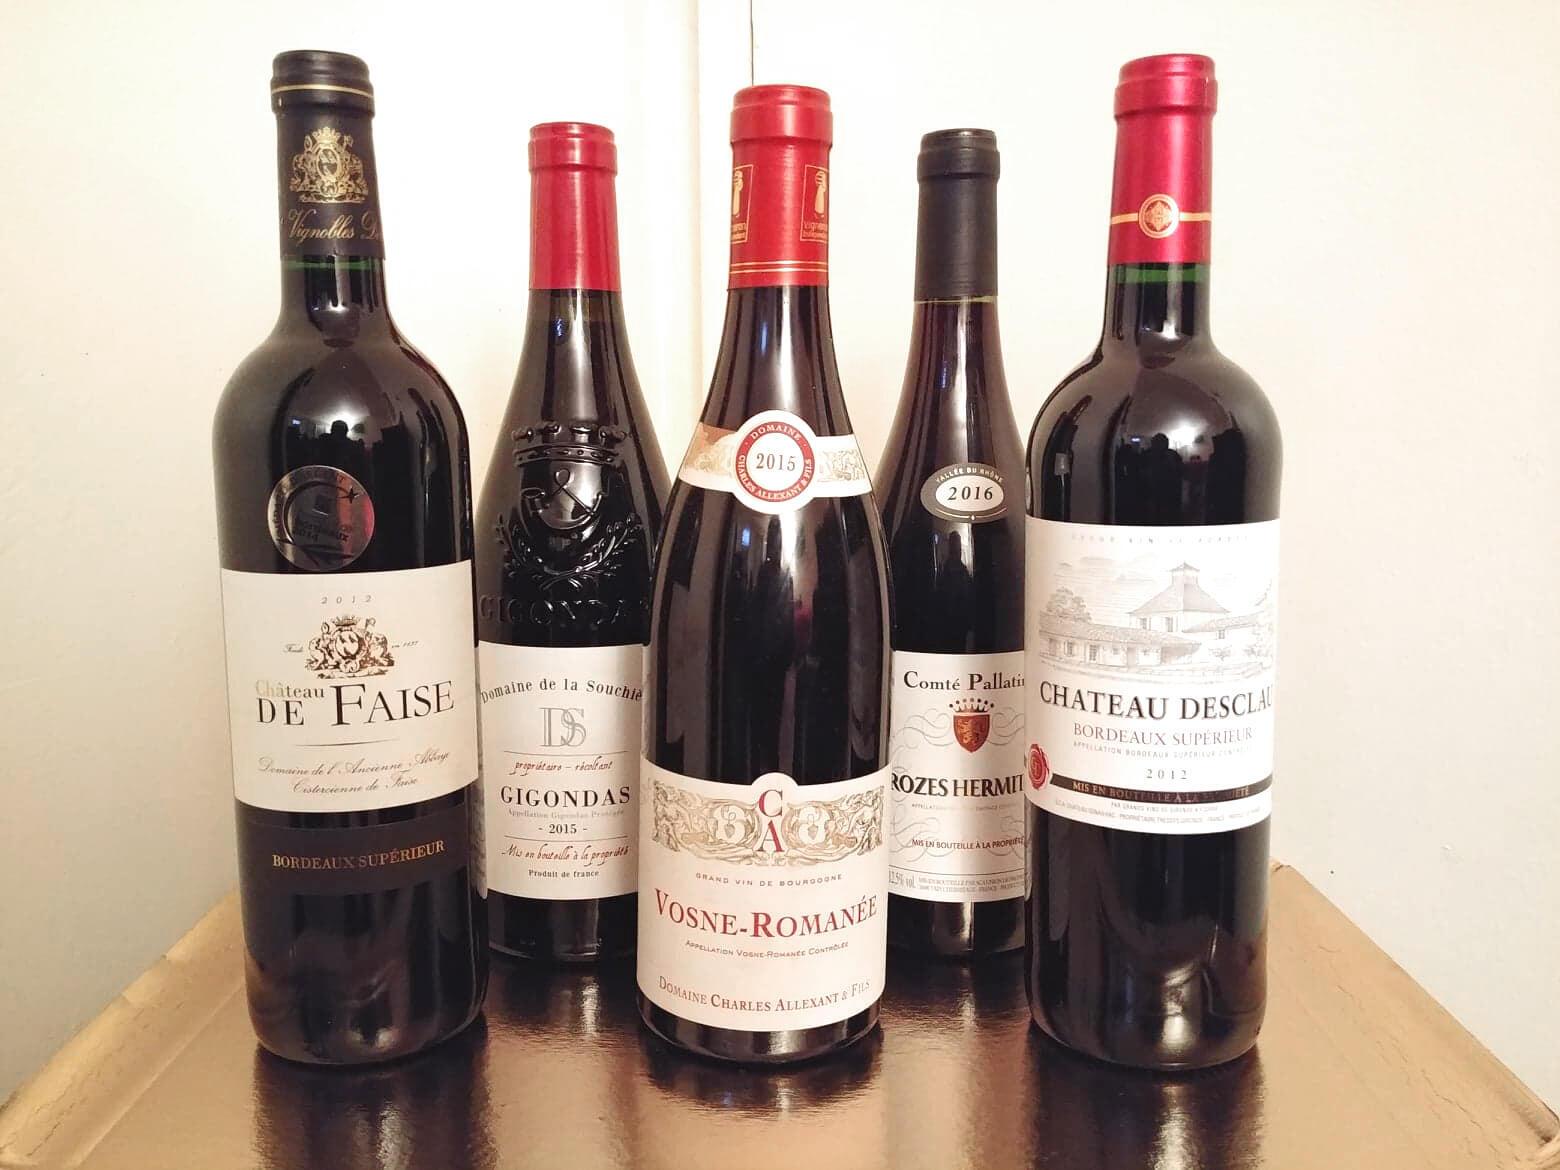 Mức xuất khẩu rượu vang Pháp đạt 4,5 tỷ euro, tăng 6% trong sáu tháng đầu 2019